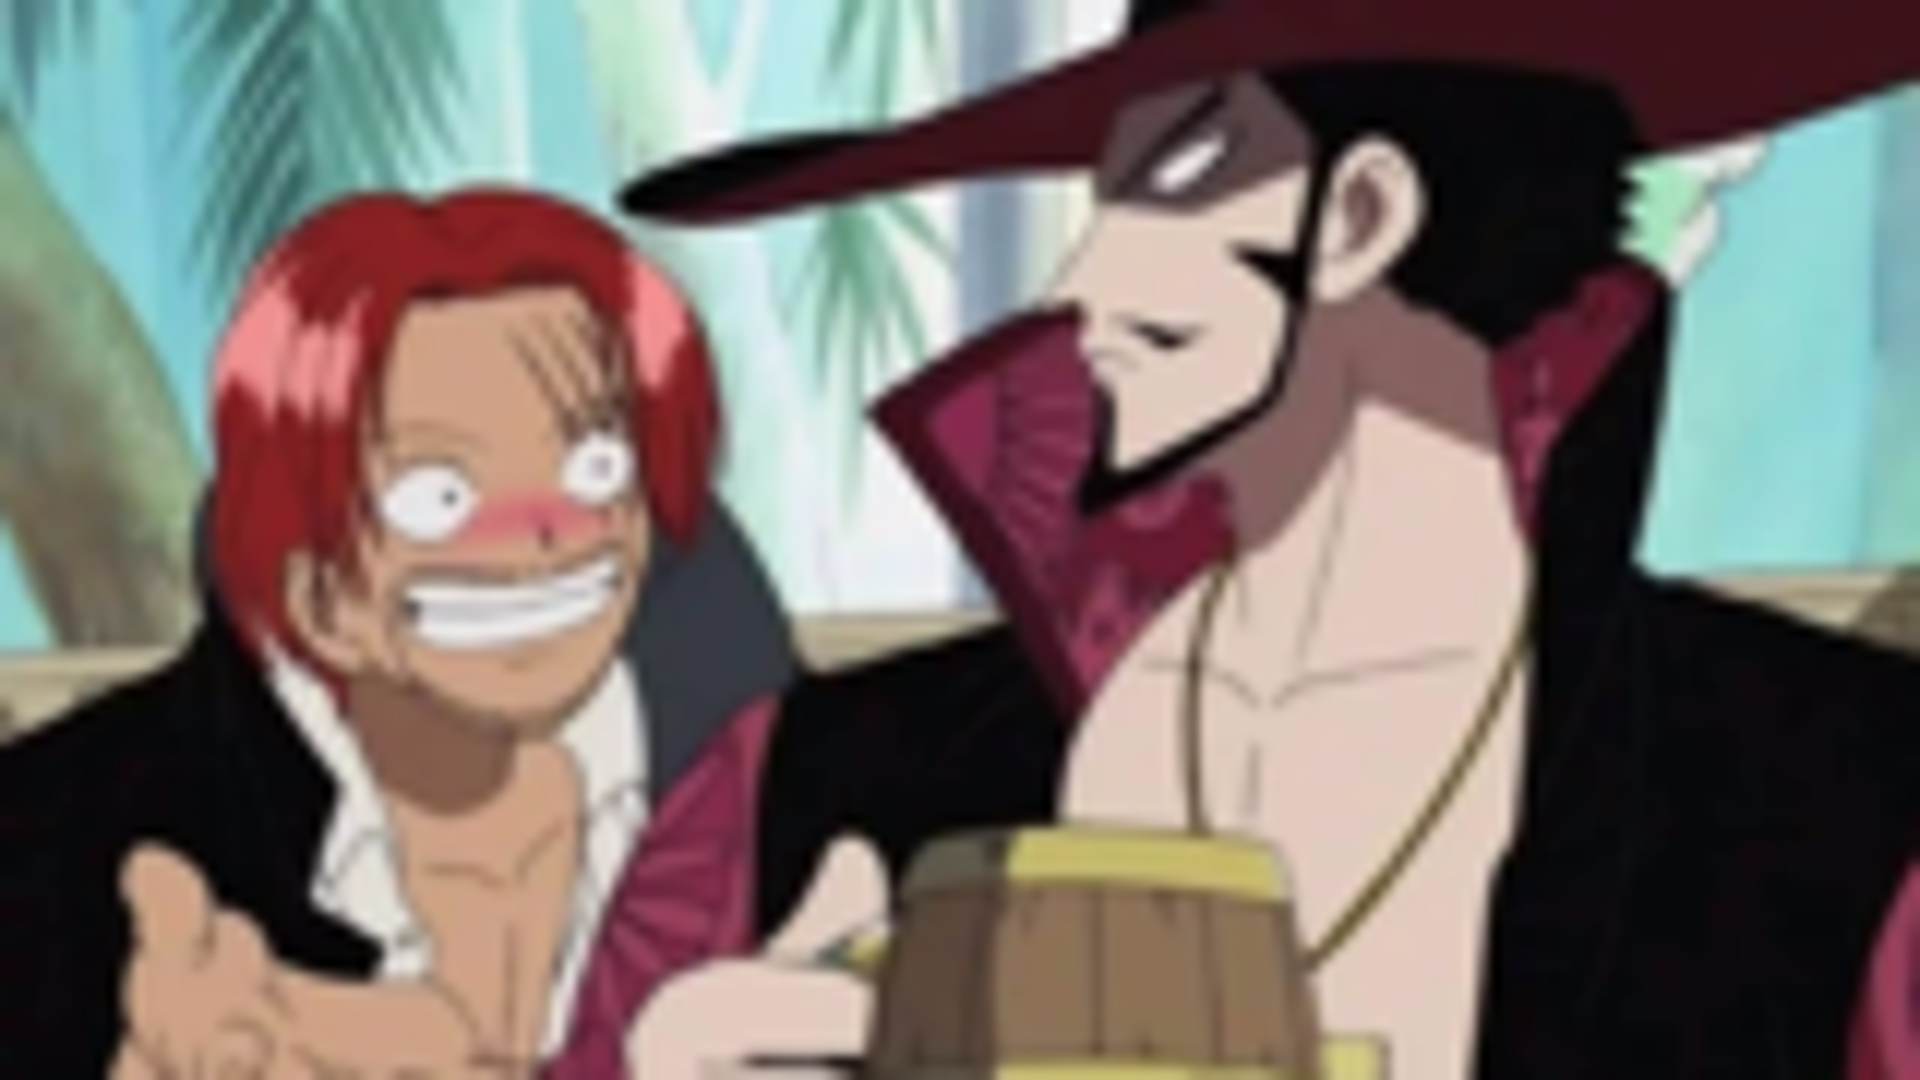 海贼王:一个热情一个高冷,红发剑术真胜过鹰眼,鹰眼也不会要第一的称号